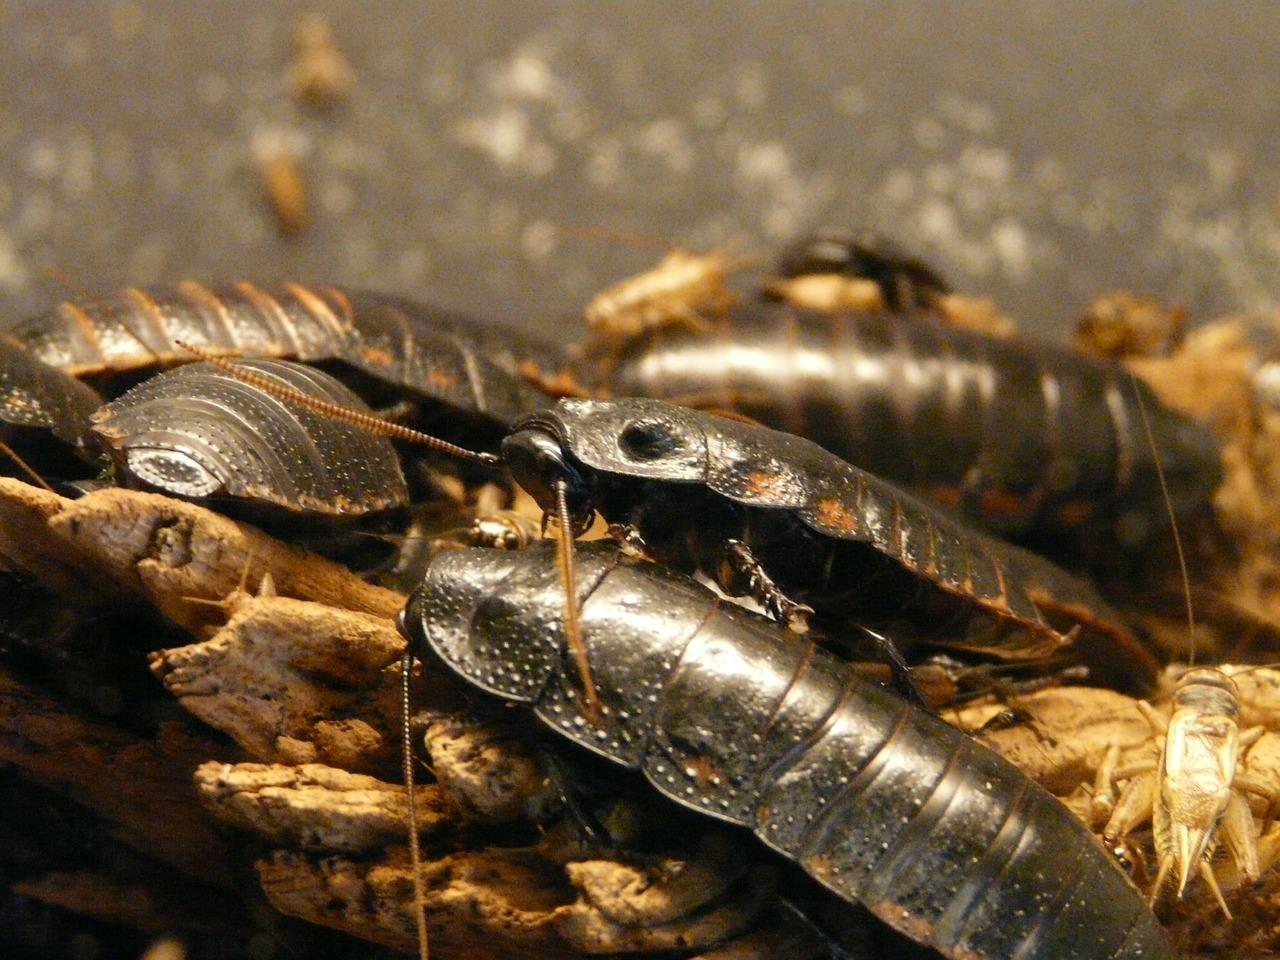 I vari tipi di blatte che possono infestare le nostre case